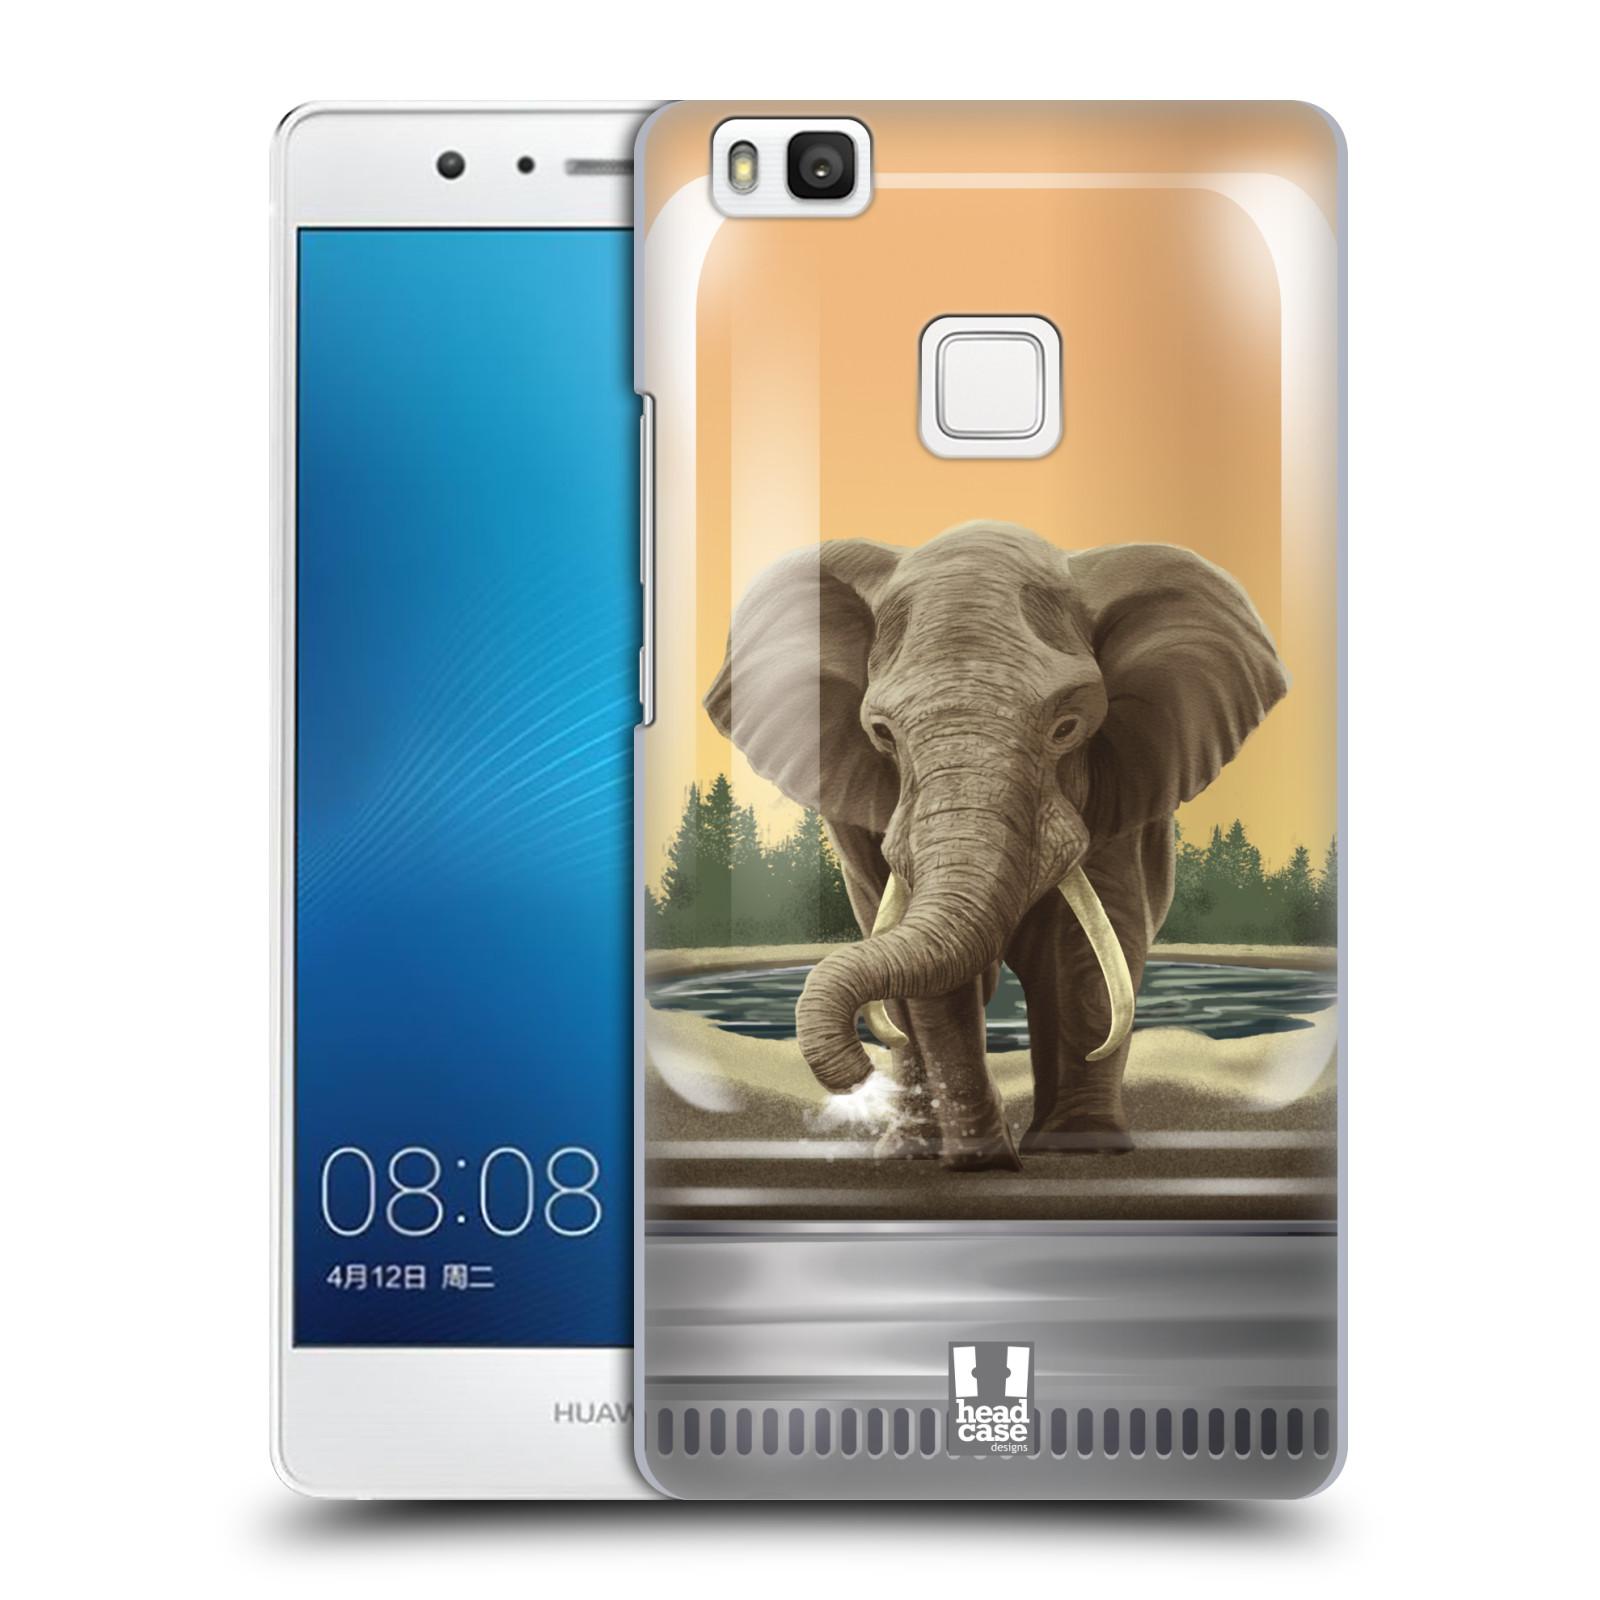 HEAD CASE plastový obal na mobil Huawei P9 LITE / P9 LITE DUAL SIM vzor Zvířátka v těžítku slon